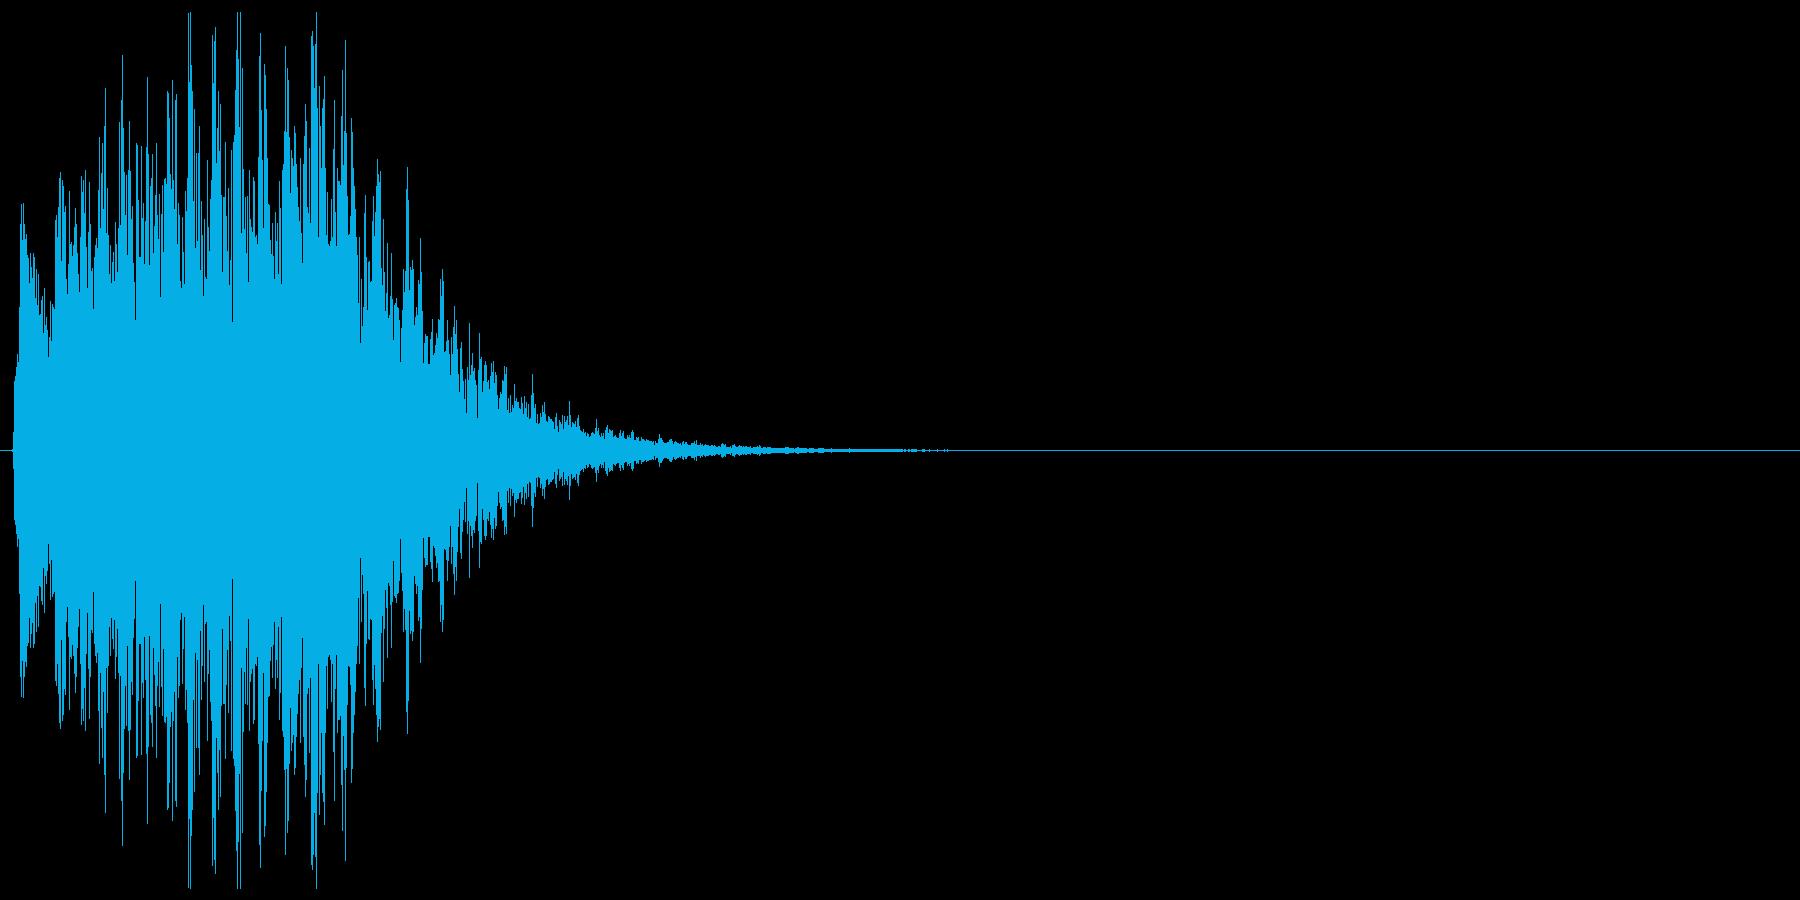 テュルルルルン↓(失敗、ゲームオーバー)の再生済みの波形